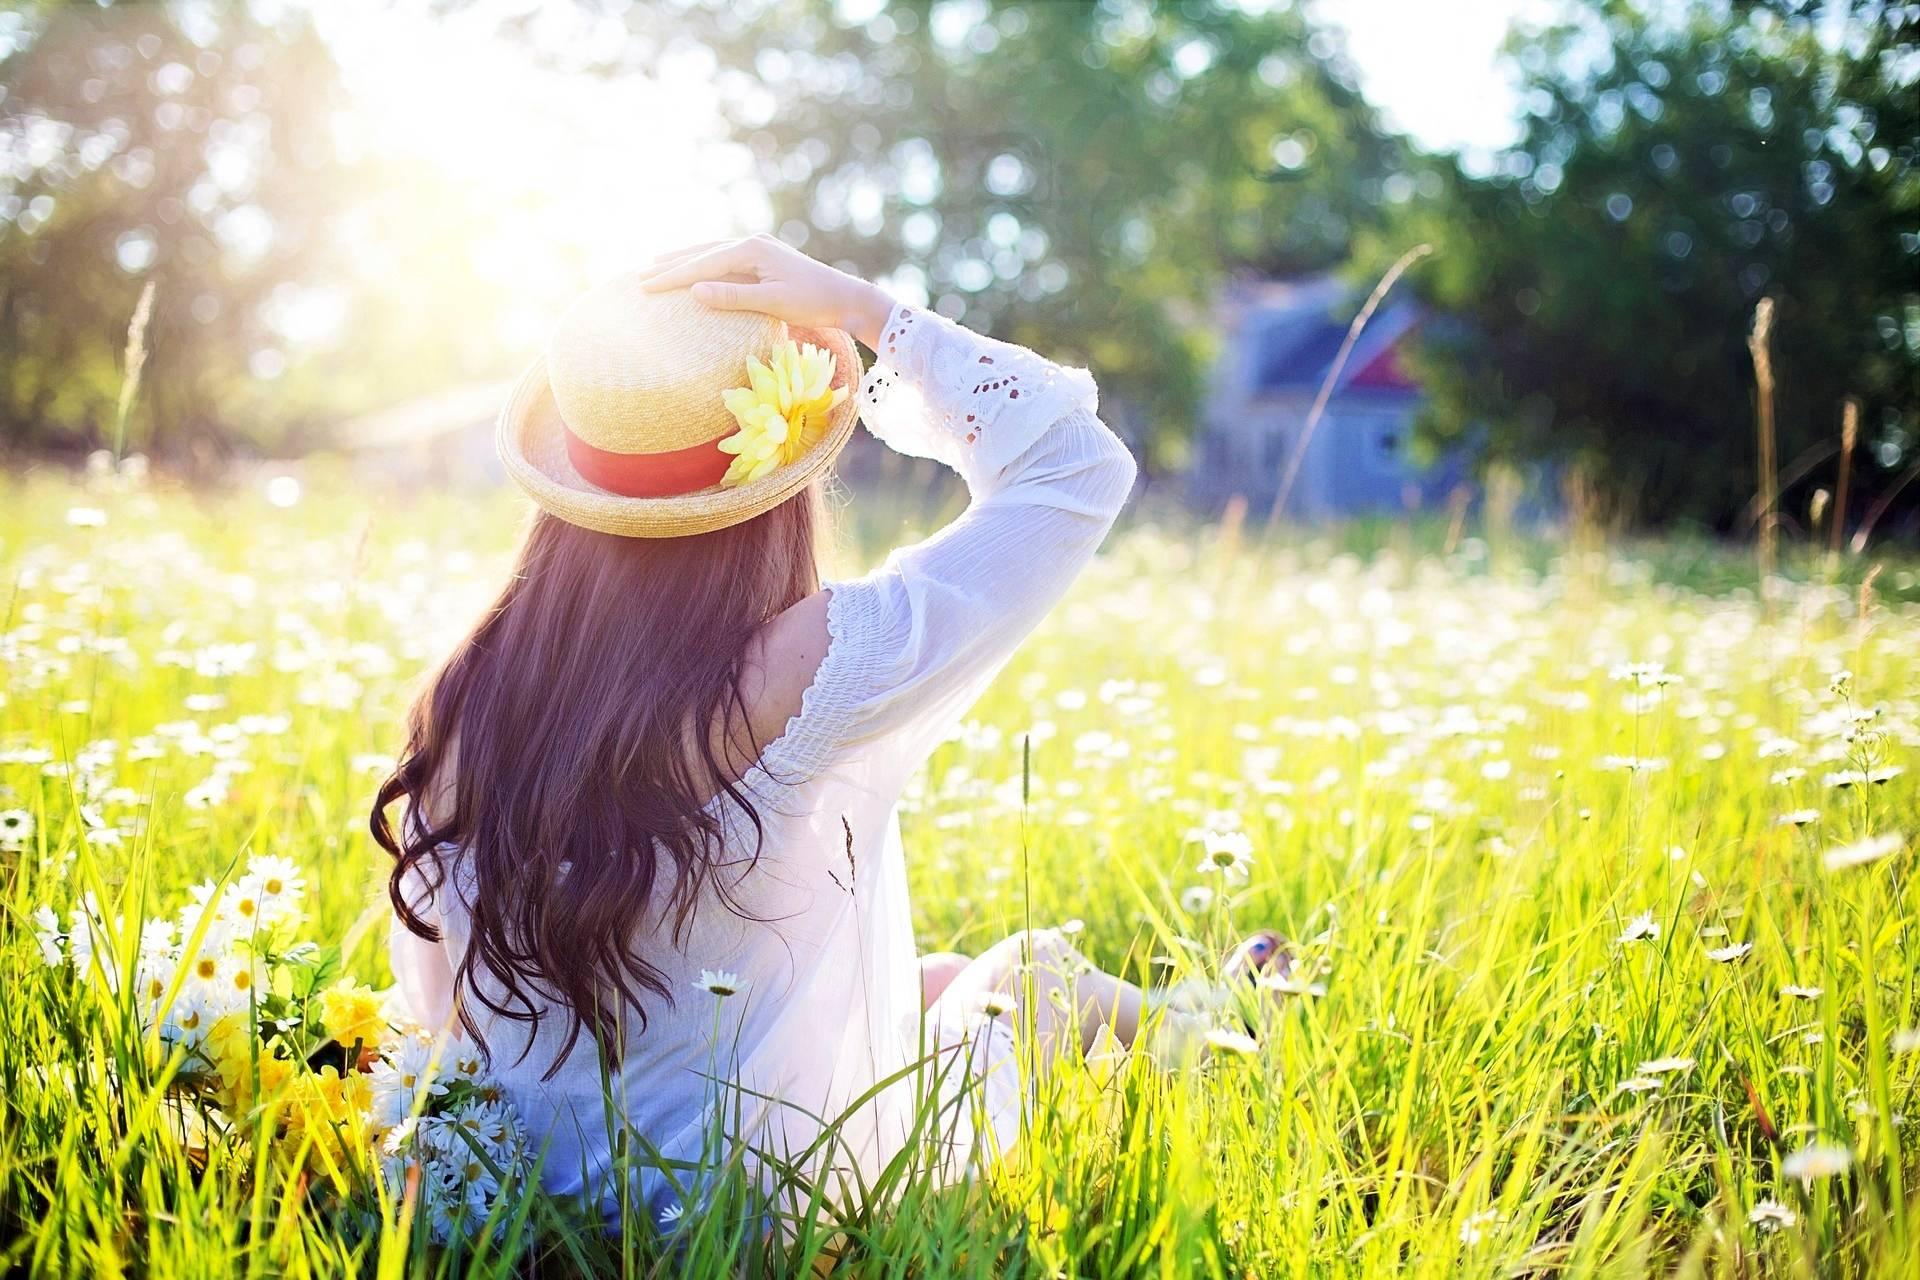 Naturalne domowe sposoby na ukąszenie osy, pszczoły, szerszenia lub muszki. Kobieta w słomkowym kapeluszu siedzi na łące.